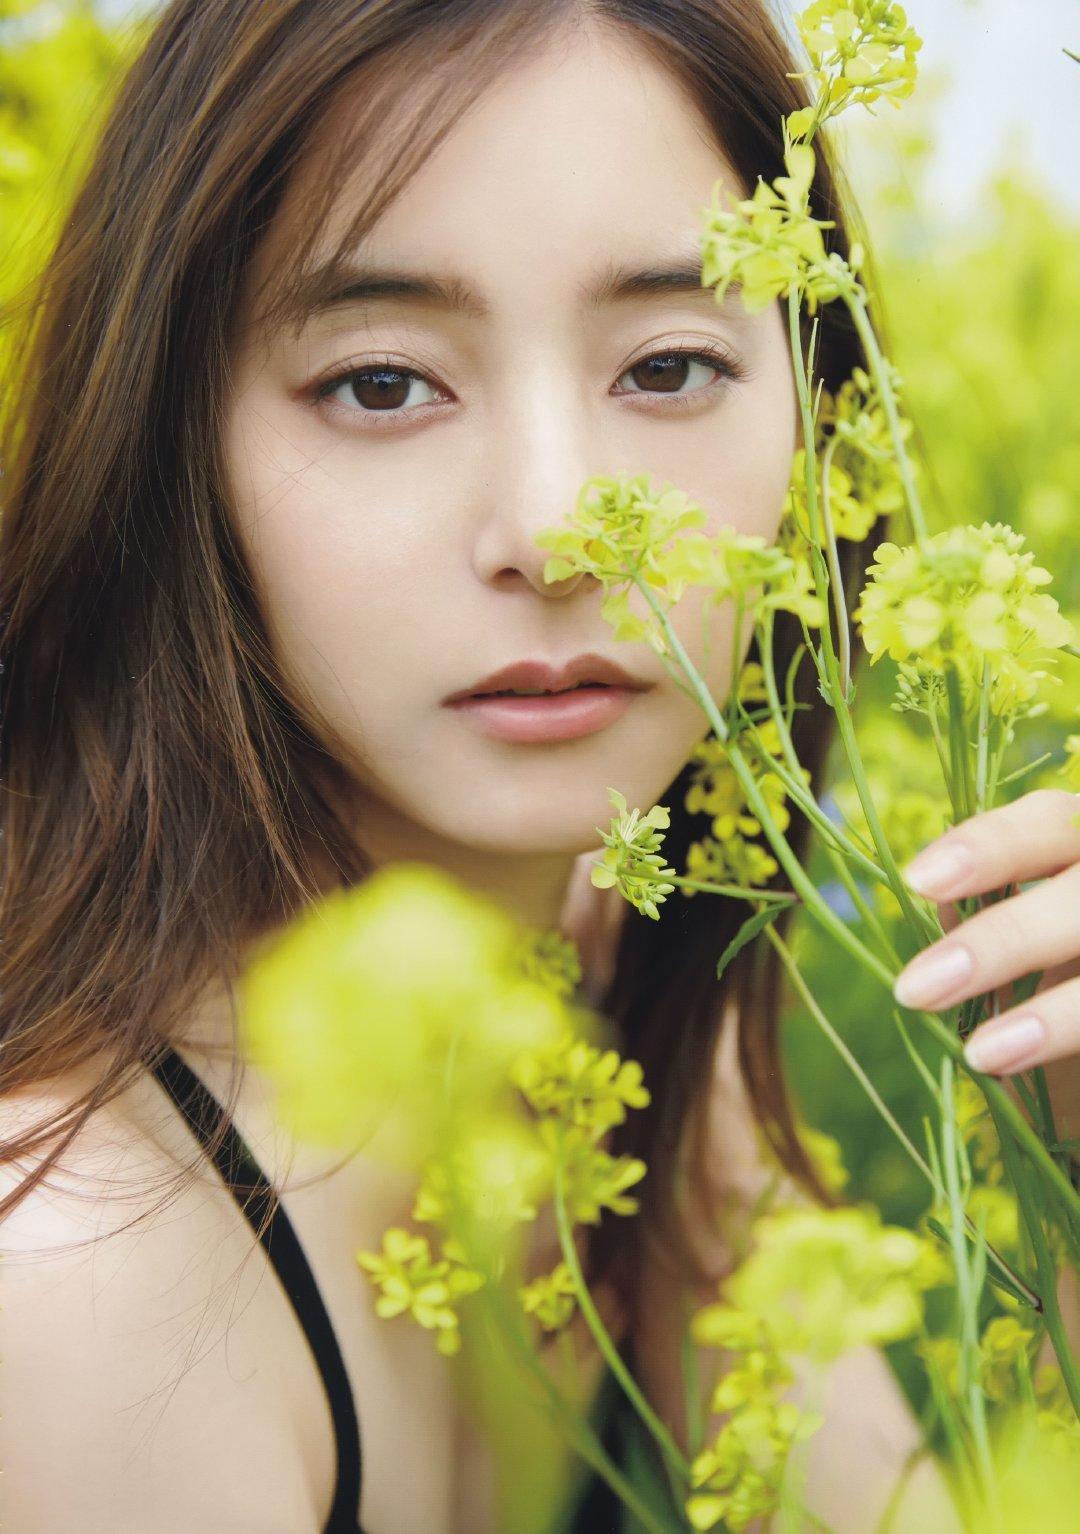 日本女神模特新木优子唯美高清写真集